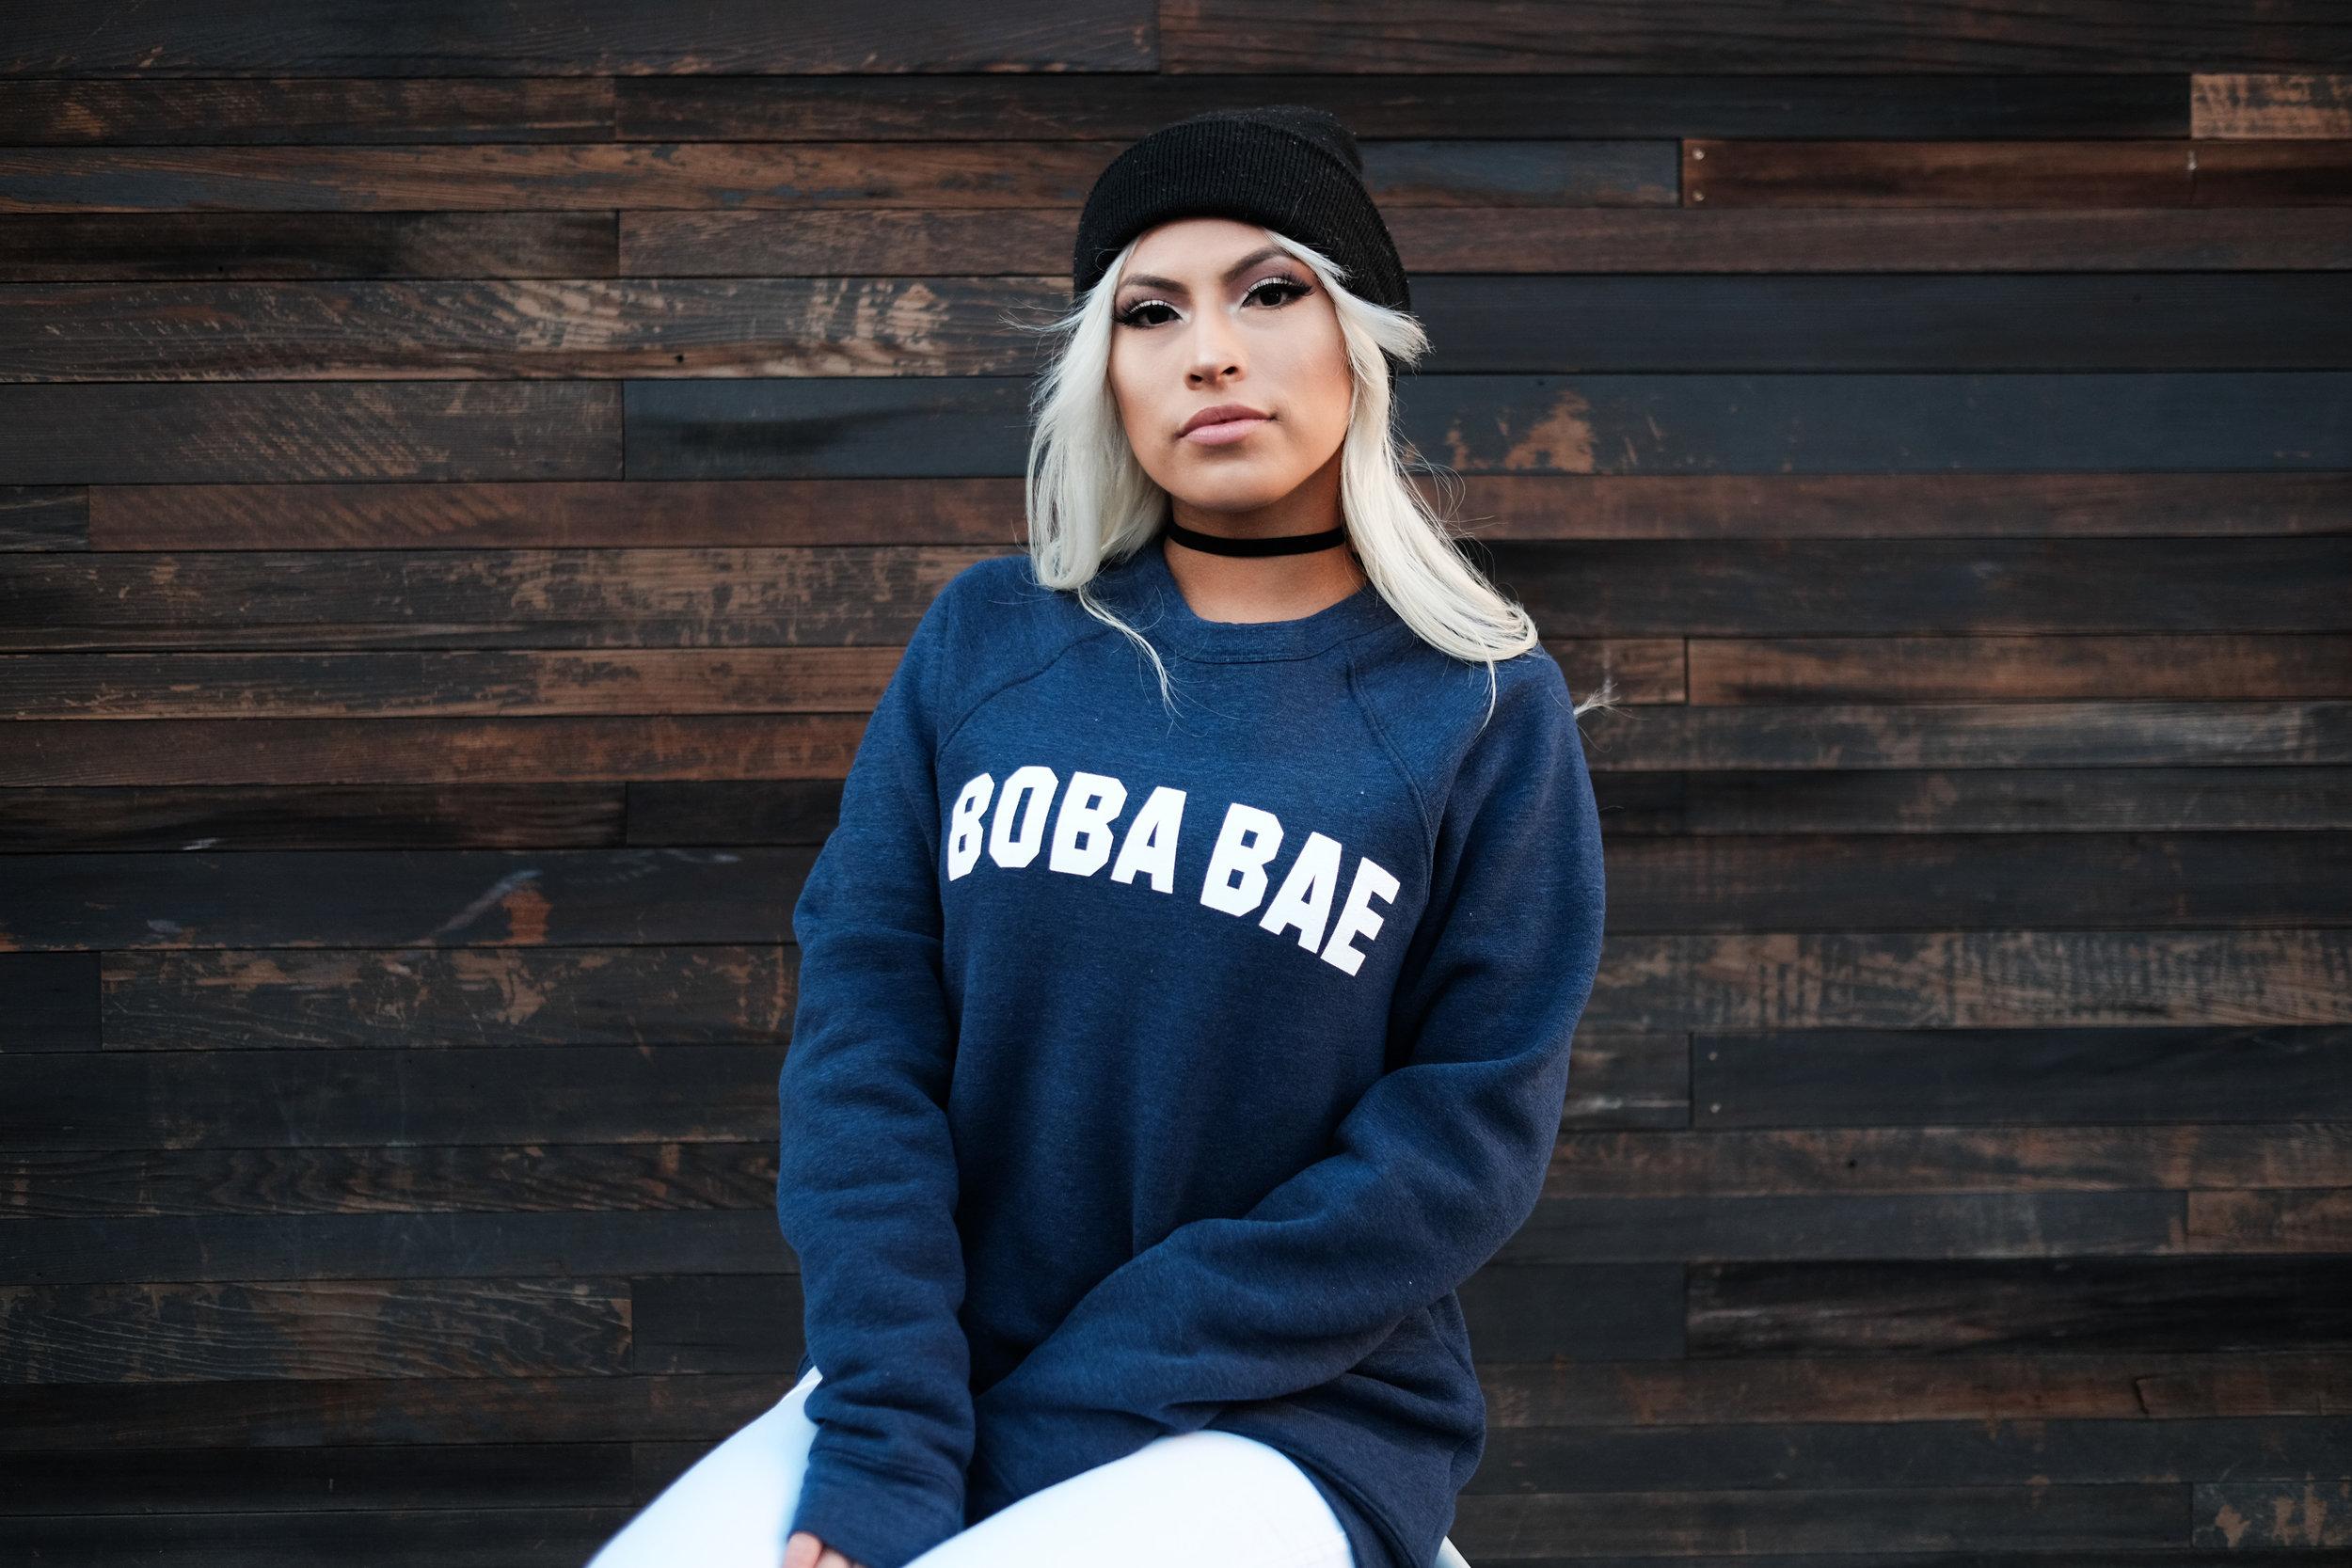 bobabae-6.jpg